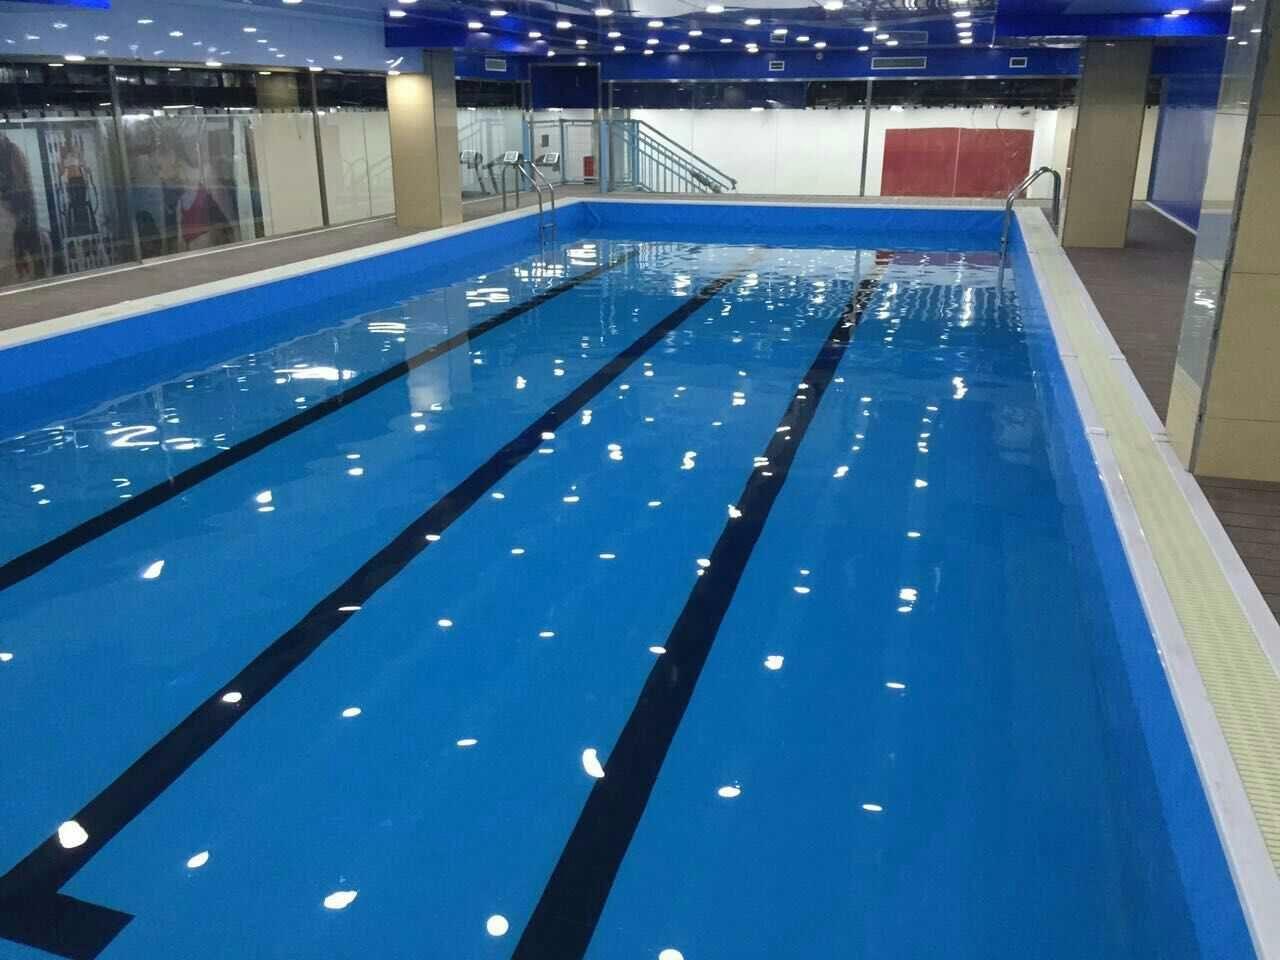 菏泽健身房游泳池建造,钢结构拼装式游泳池